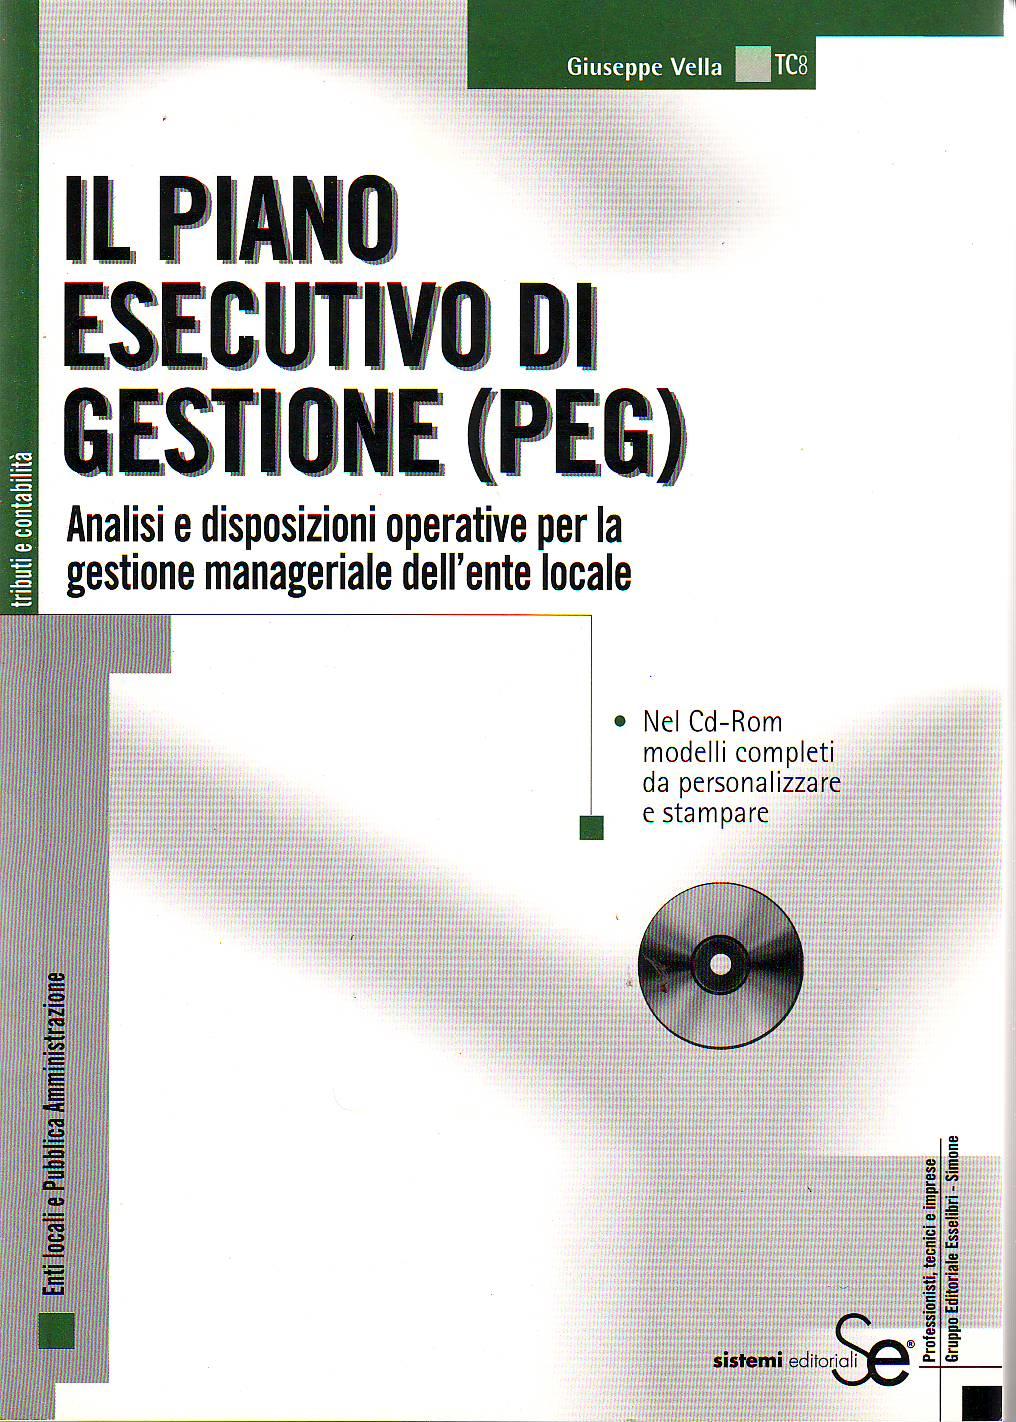 Il Piano Esecutivo di Gestione (PEG)